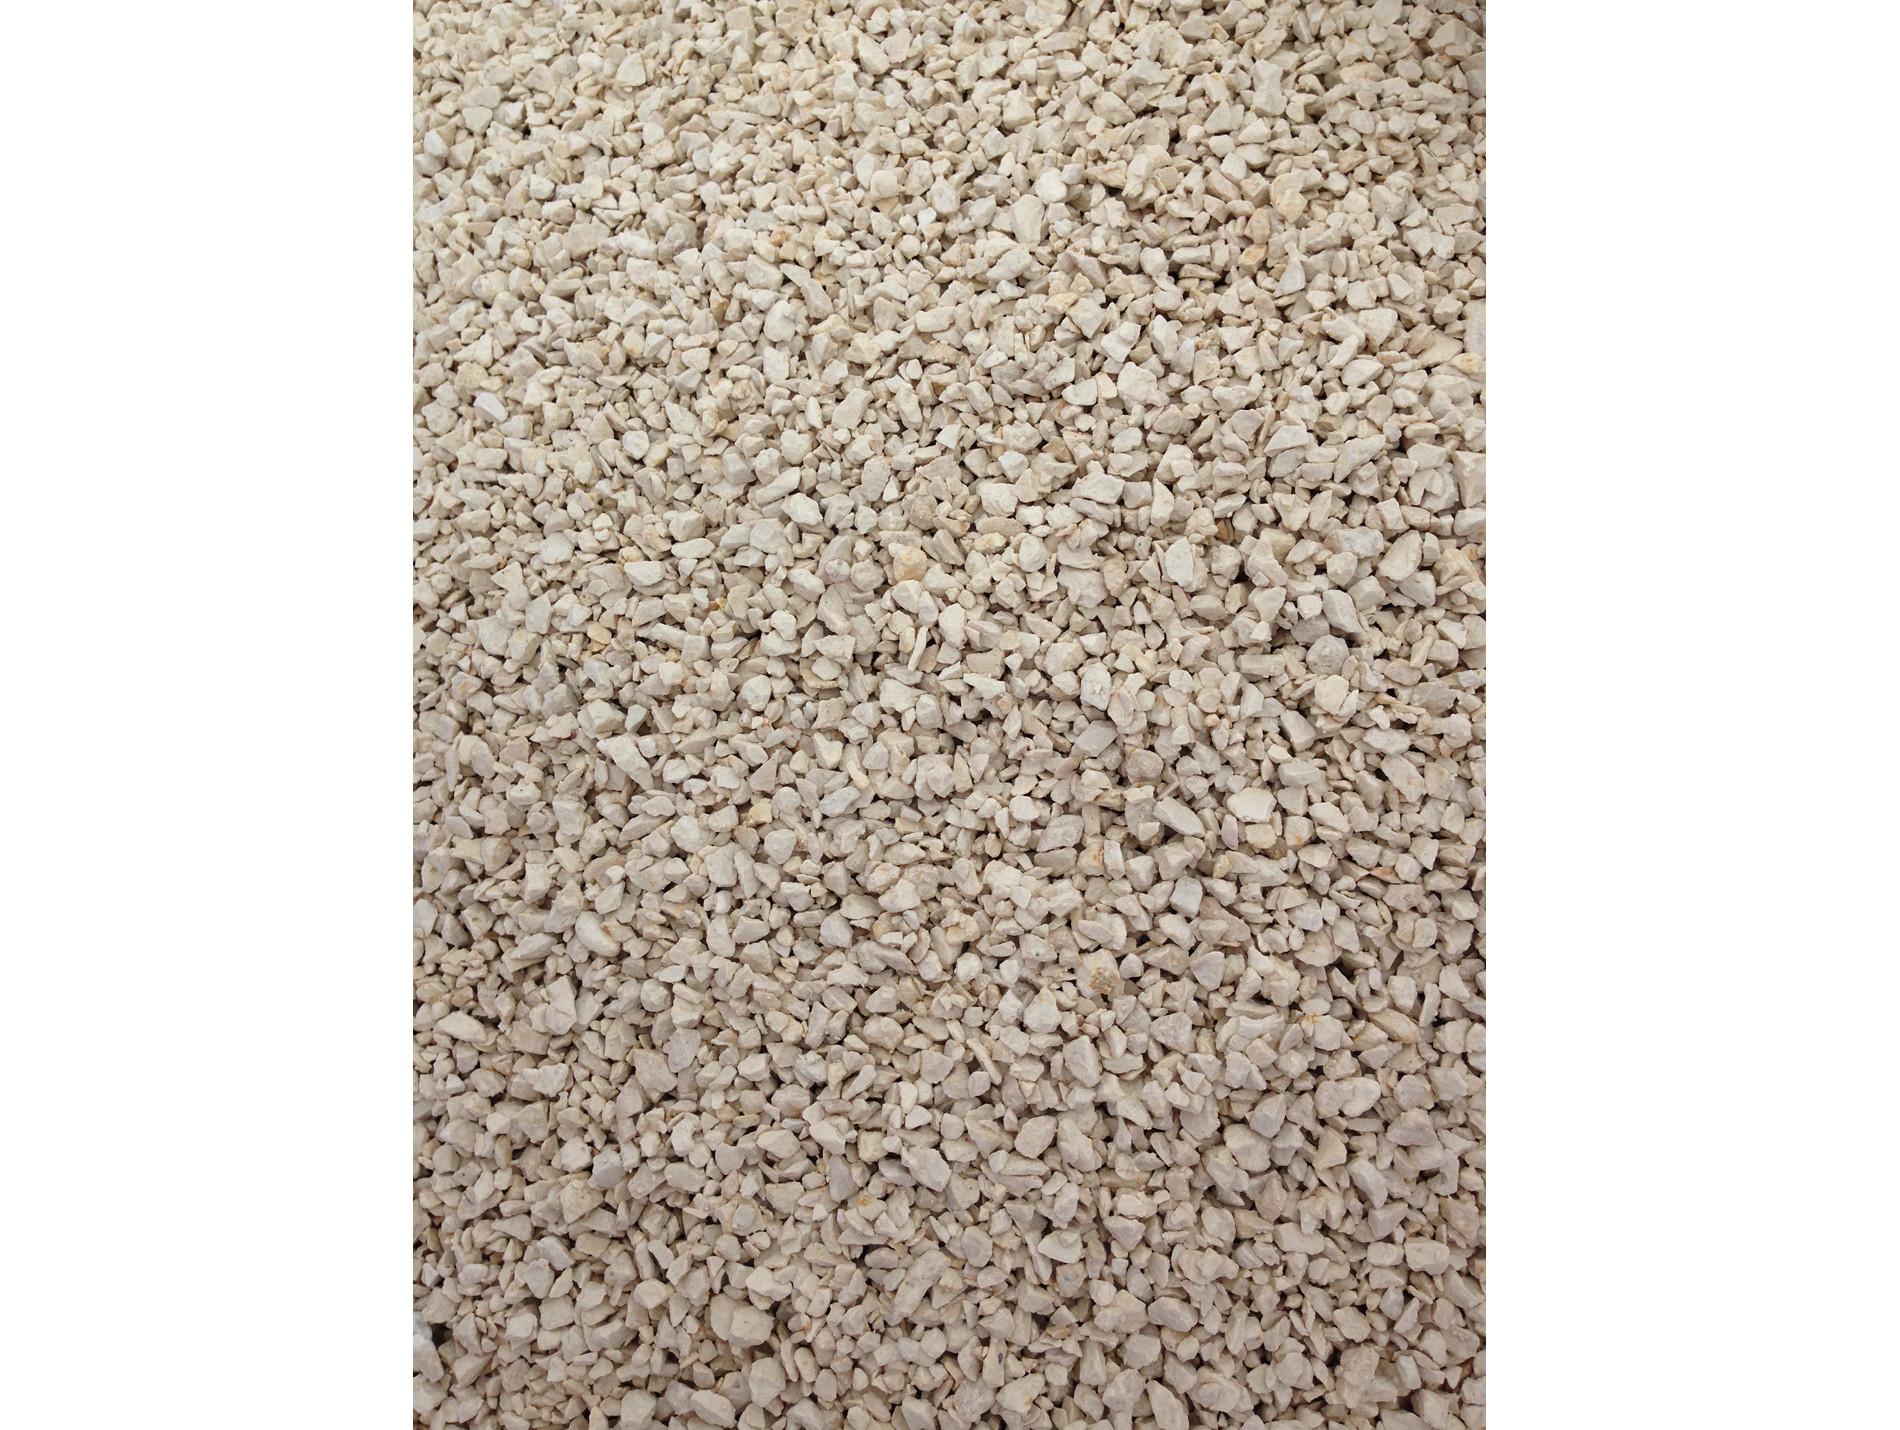 Difference Entre Gravier Et Gravillon gravillon calcaire blanc concassé 6/10 375kg